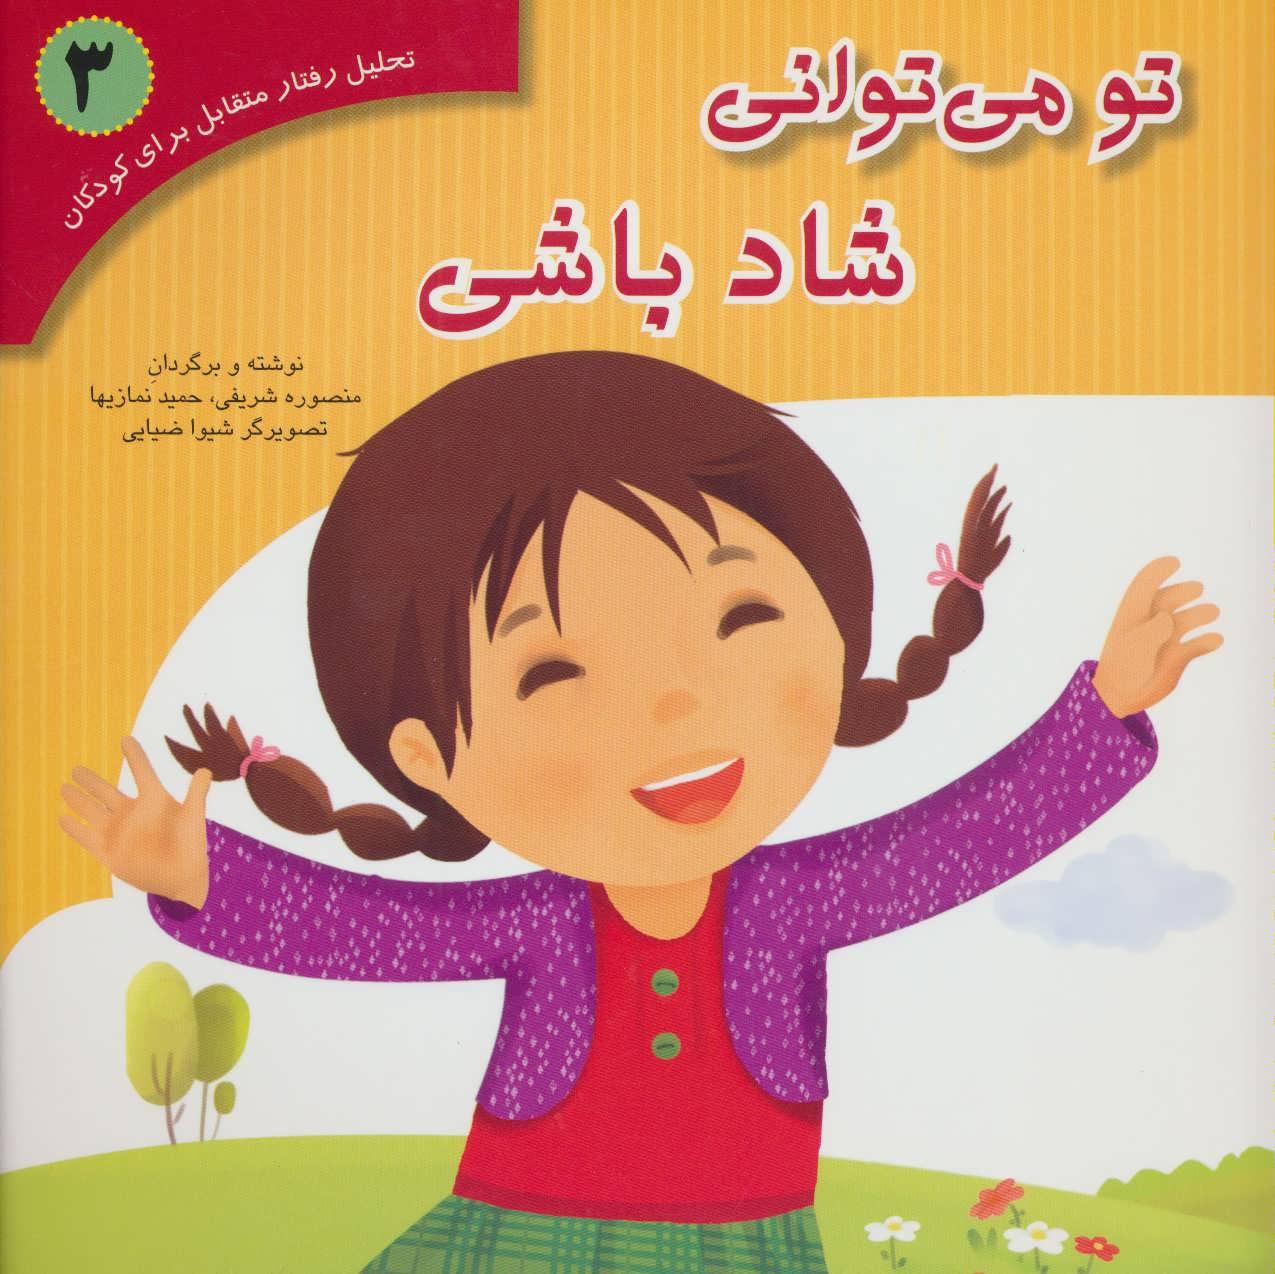 کتاب تو می توانی شاد باشی